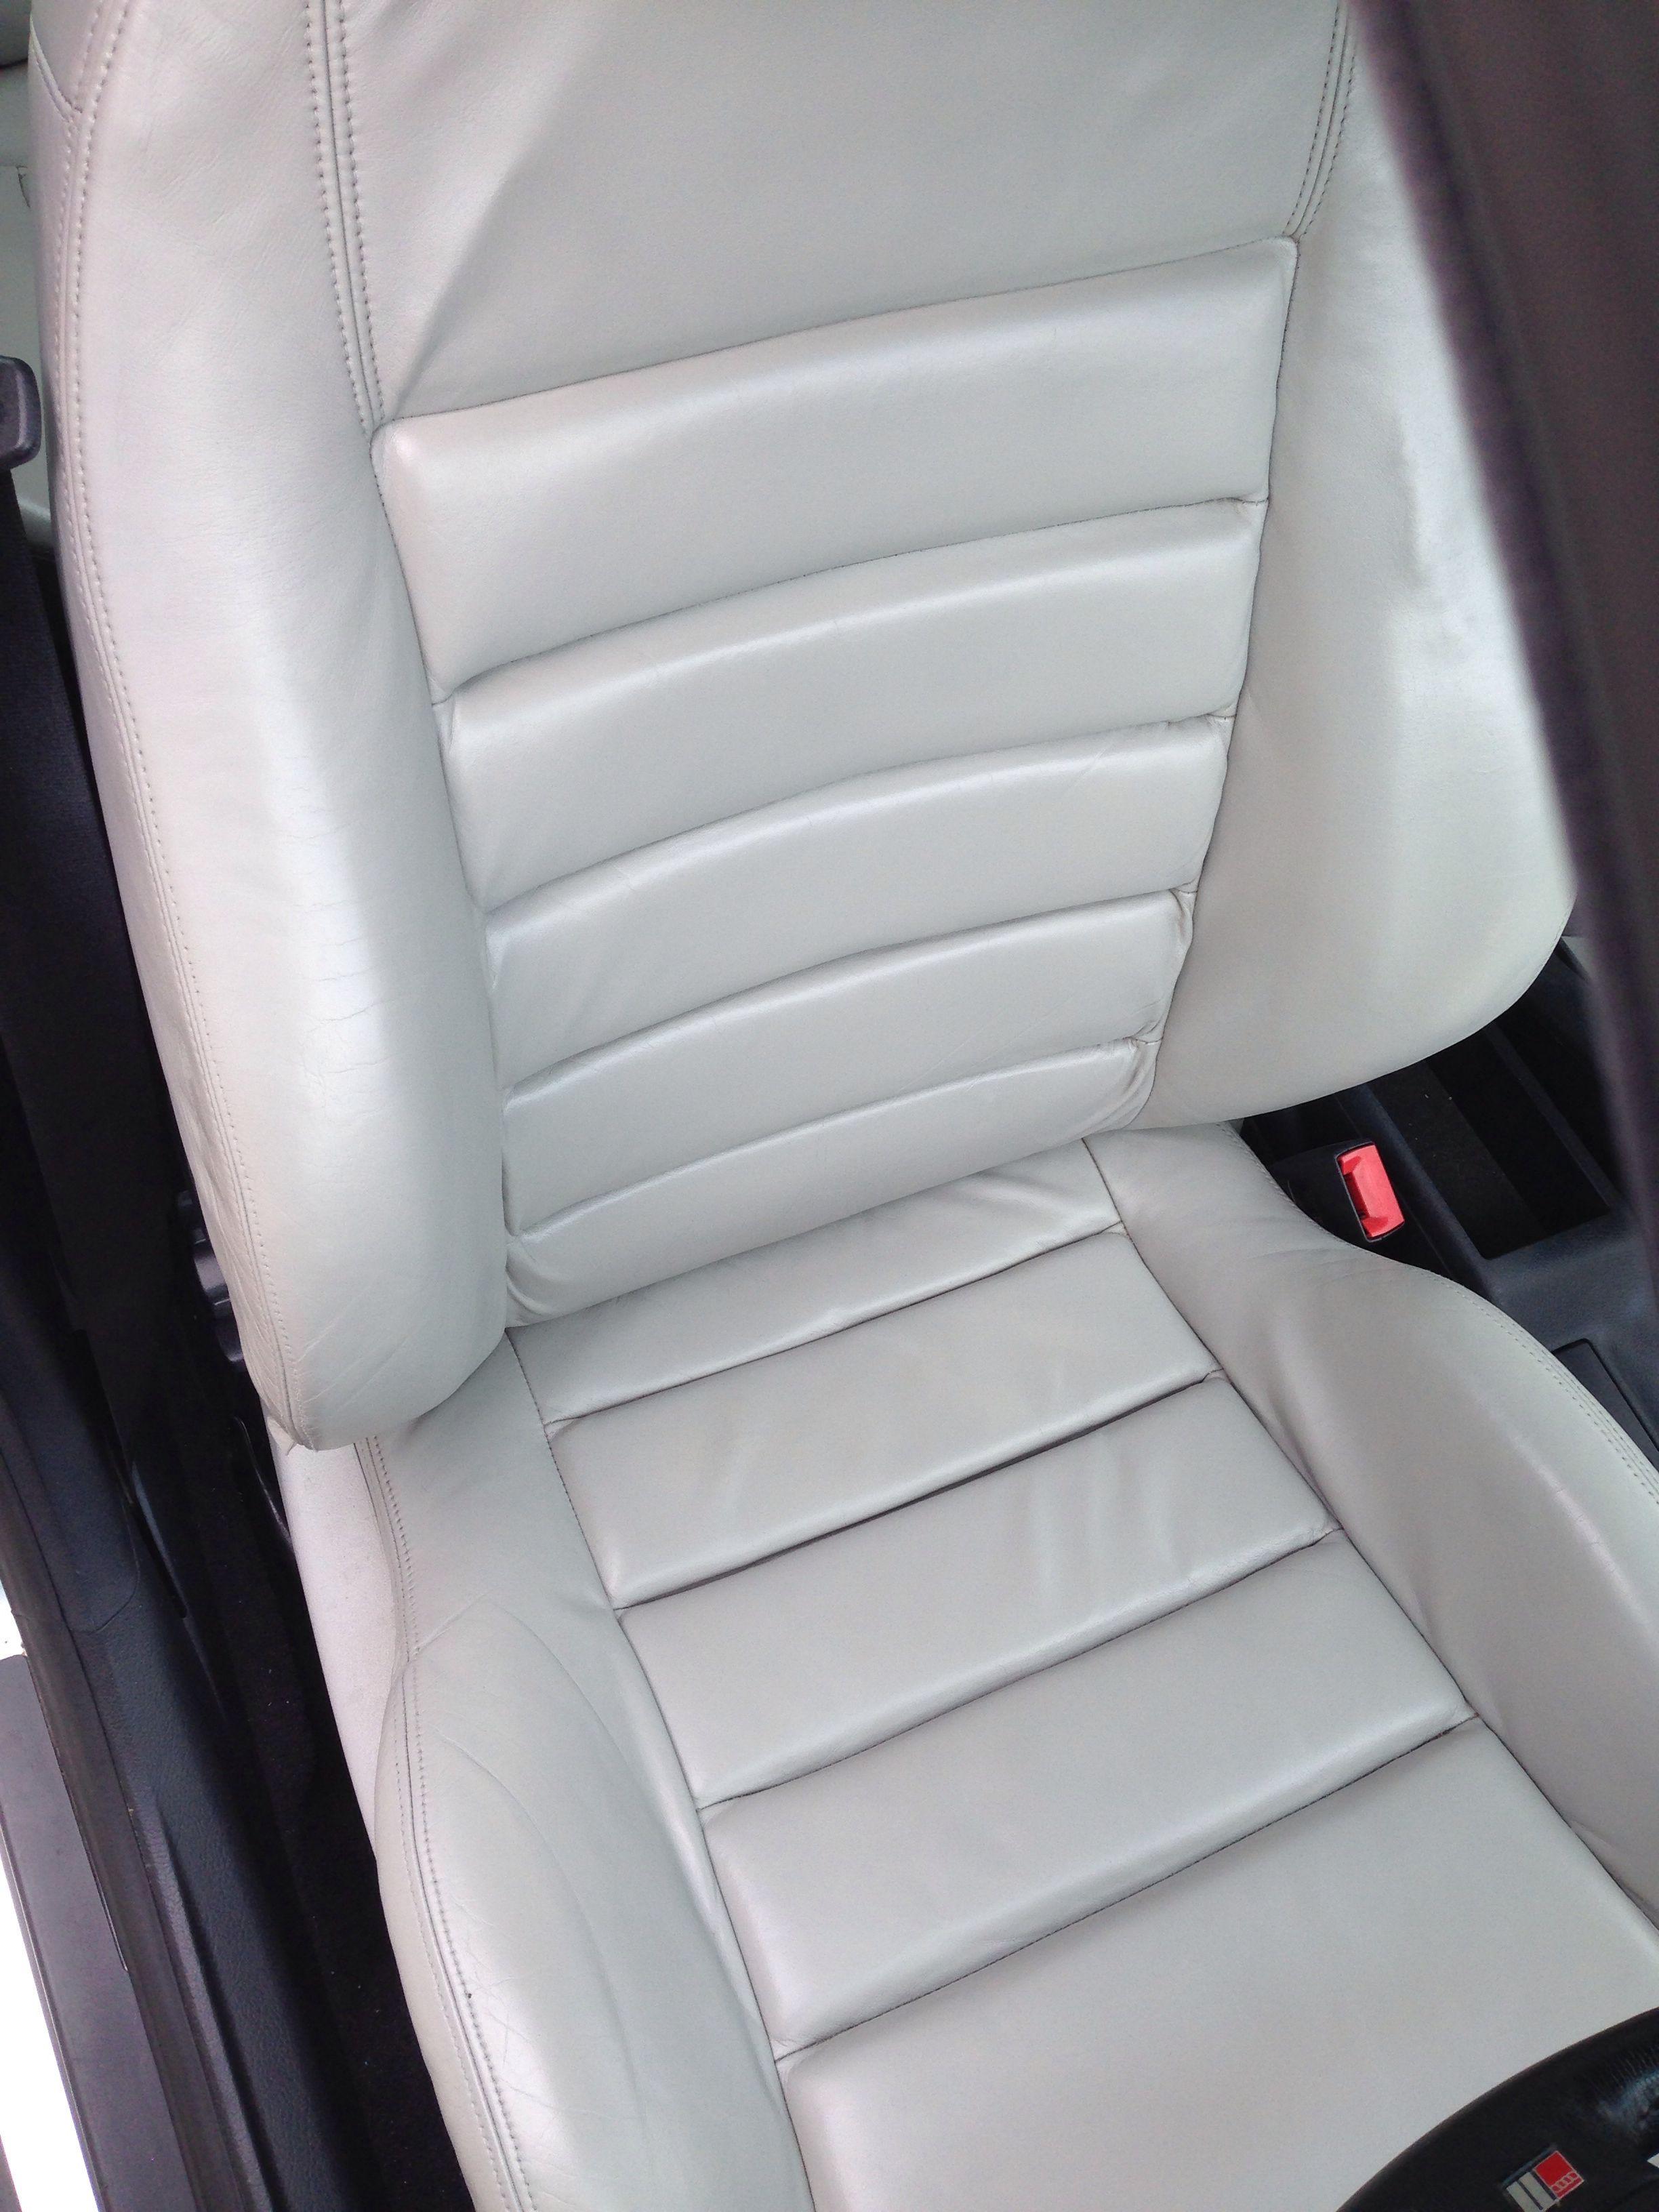 Excellent Audi B5 S4 Leather Seat After Restoration Car Seats Spiritservingveterans Wood Chair Design Ideas Spiritservingveteransorg